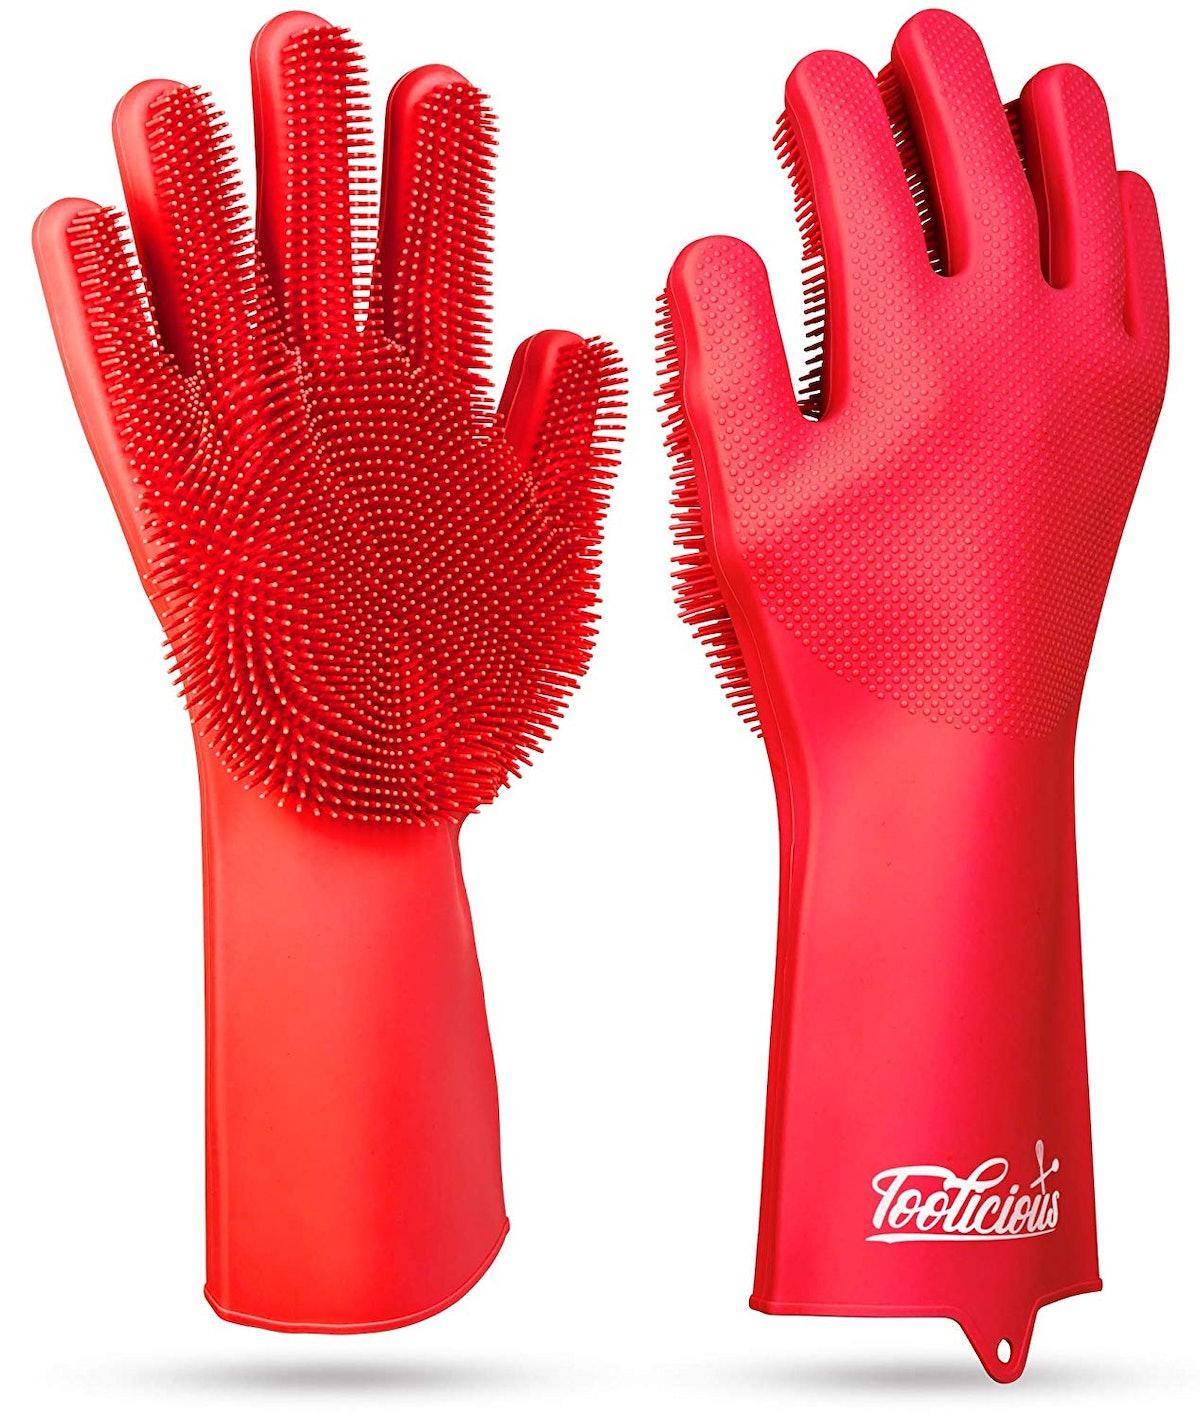 Toolicious Magic SakSak Reusable Silicone Dishwashing Gloves